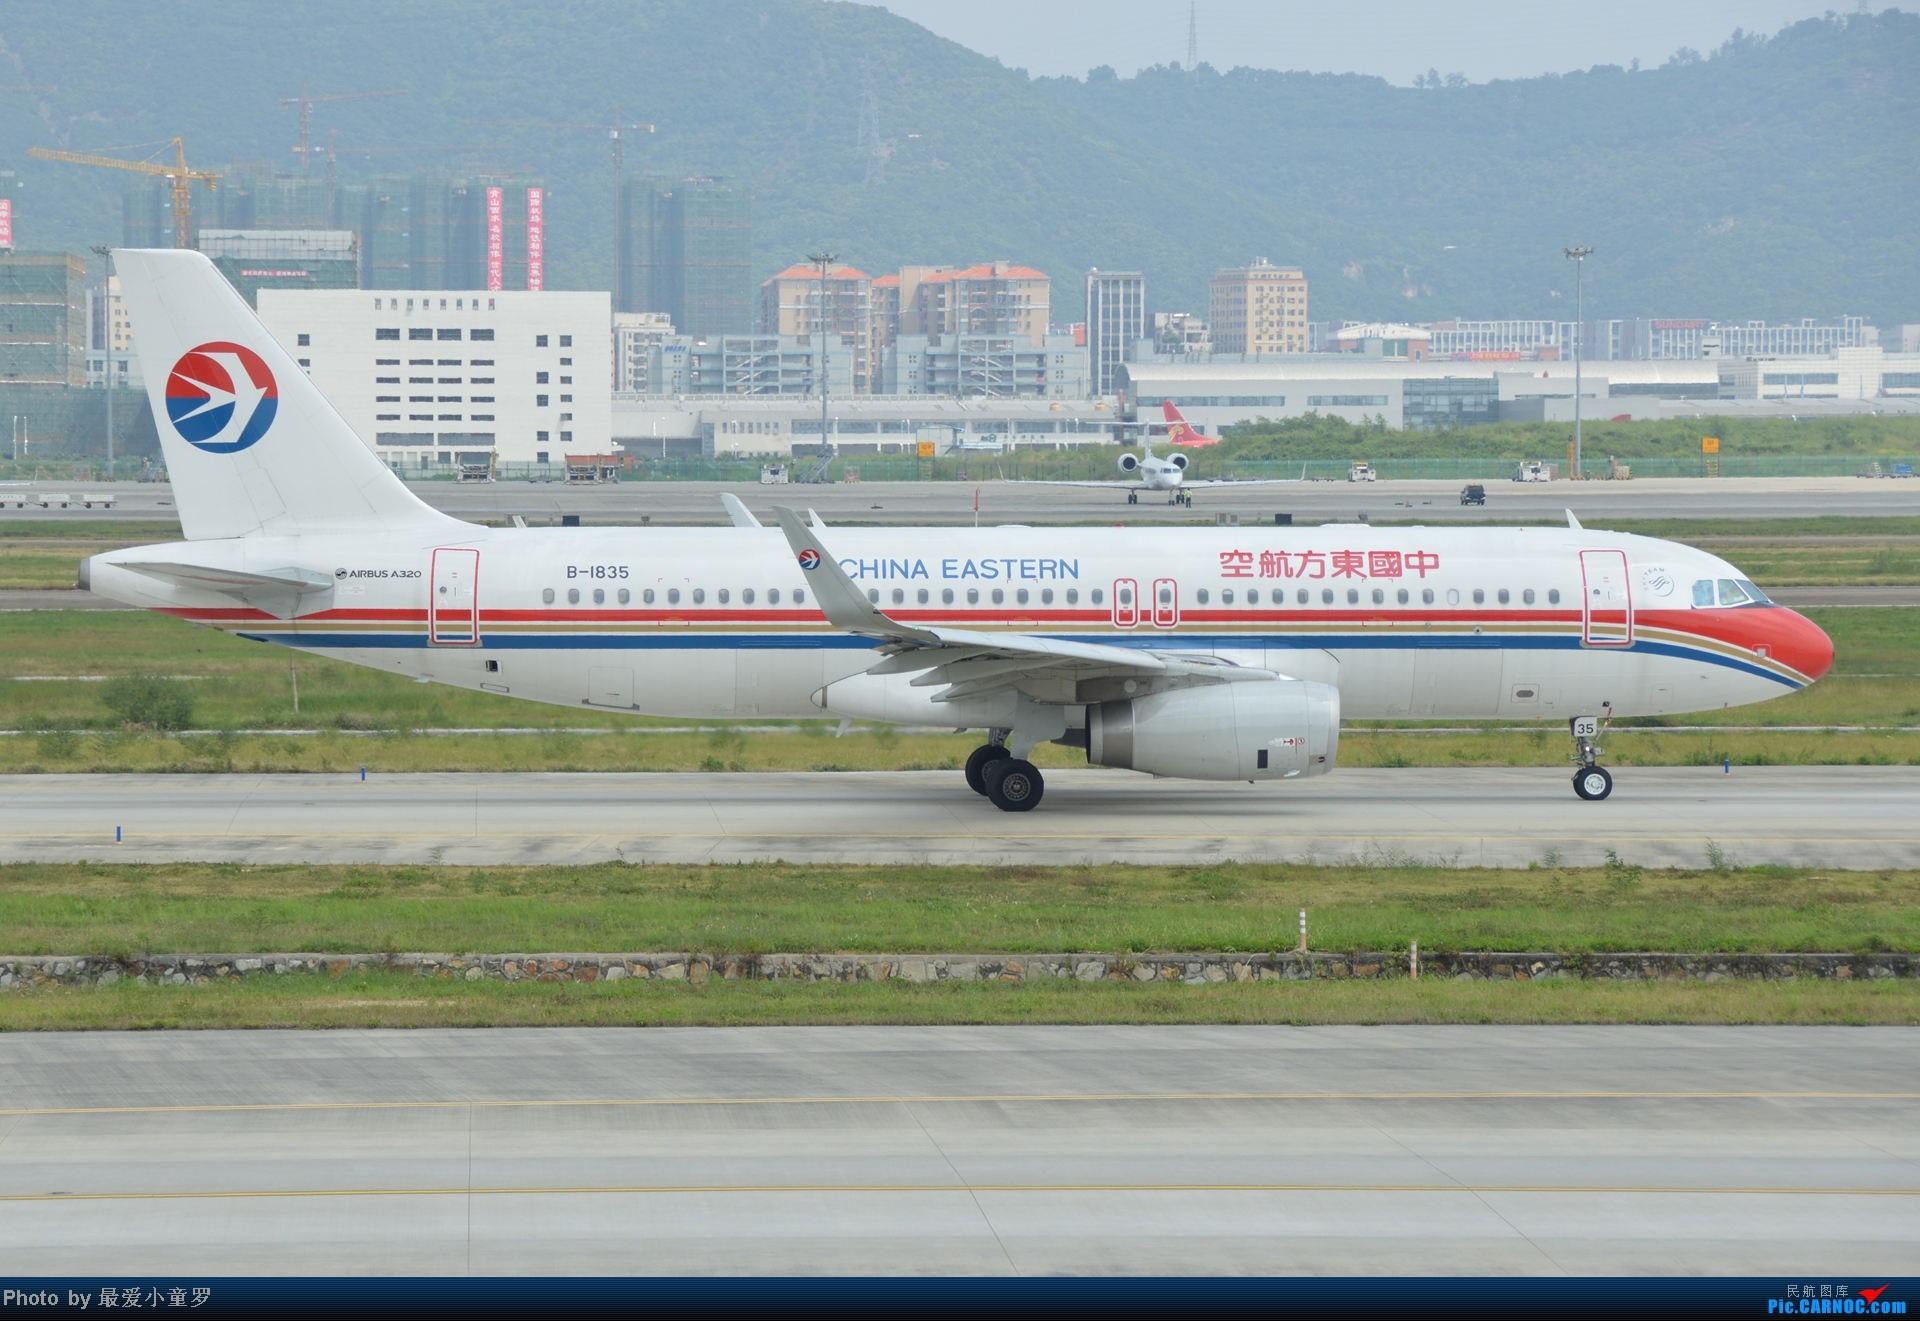 Re:[原创]2014年国庆假期深圳广州四天拍机,多图没怎么修 AIRBUS A320-200 B-1835 中国深圳宝安机场